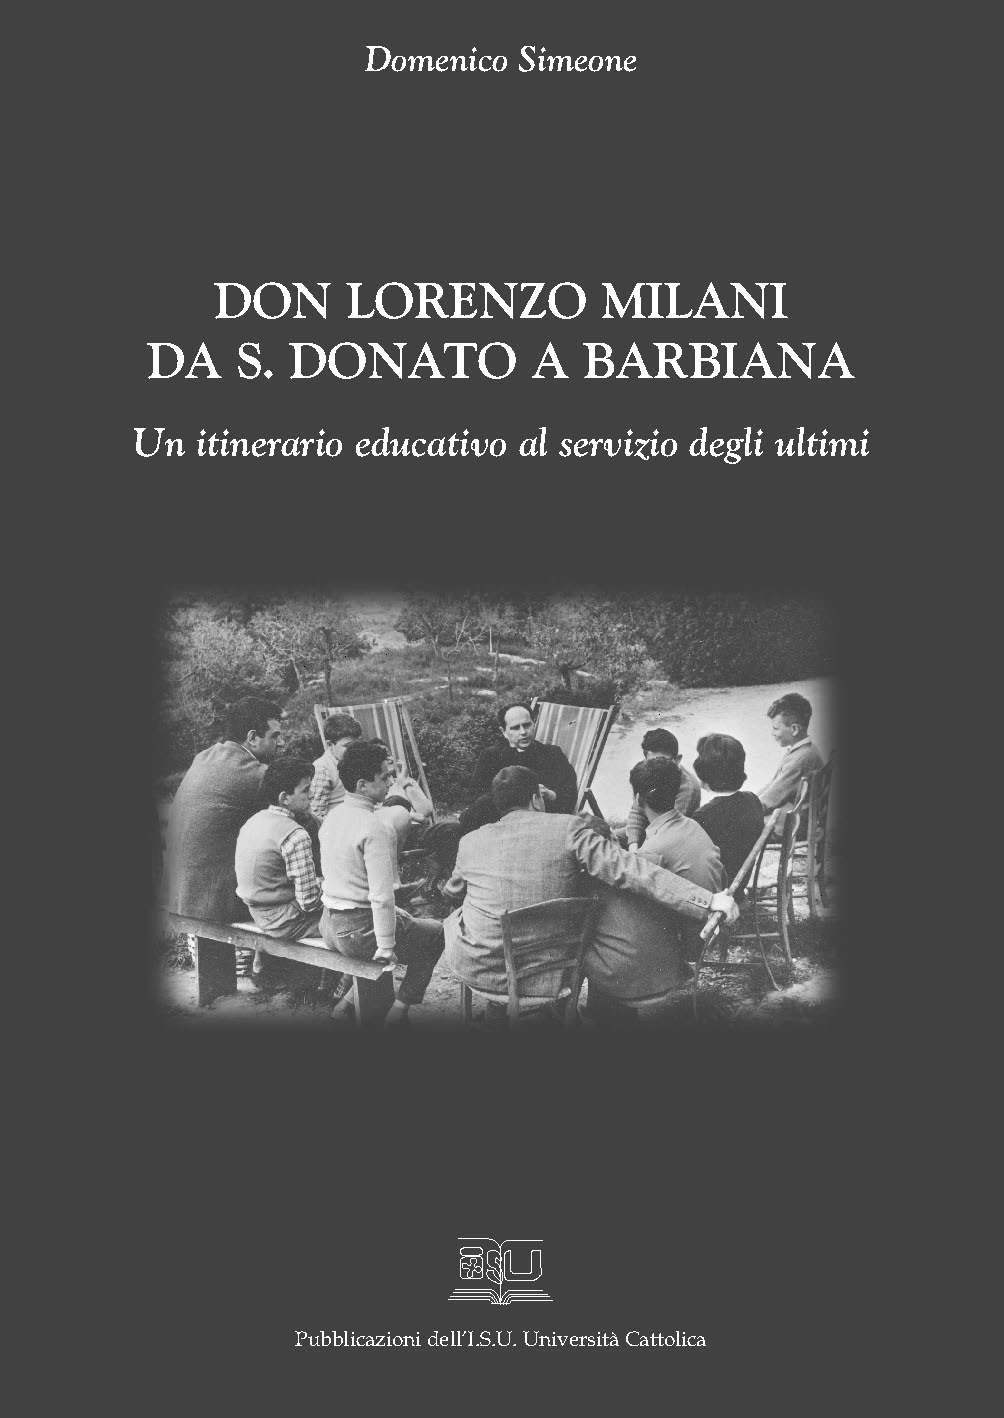 DON LORENZO MILANI DA S. DONATO A BARBIANA